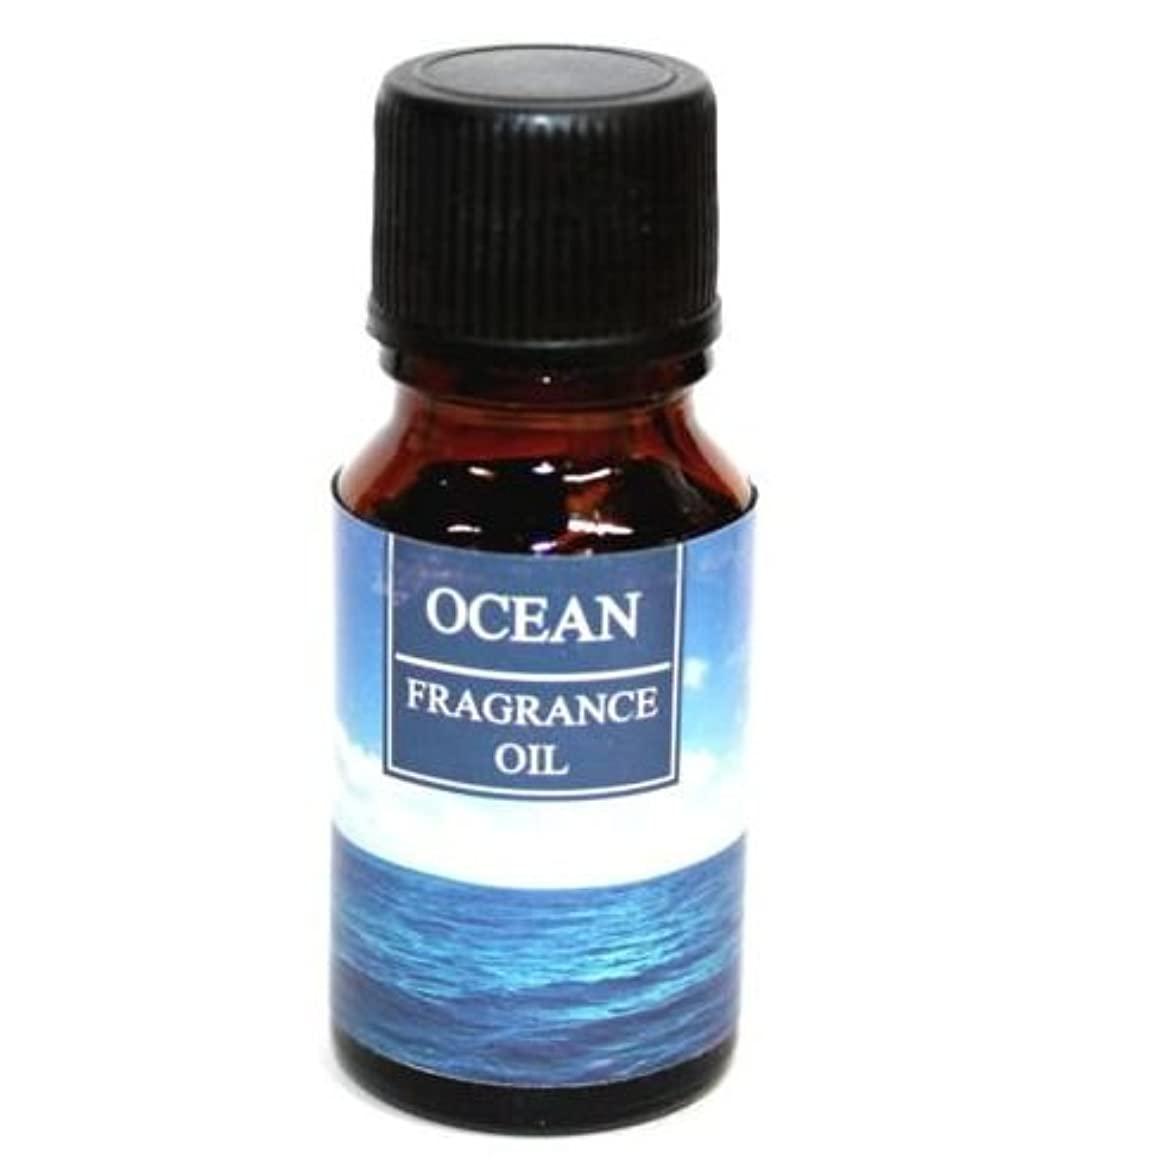 その領収書定期的なRELAXING アロマオイル AROMA OIL フレグランスオイル OCEAN 海の香り RQ-10